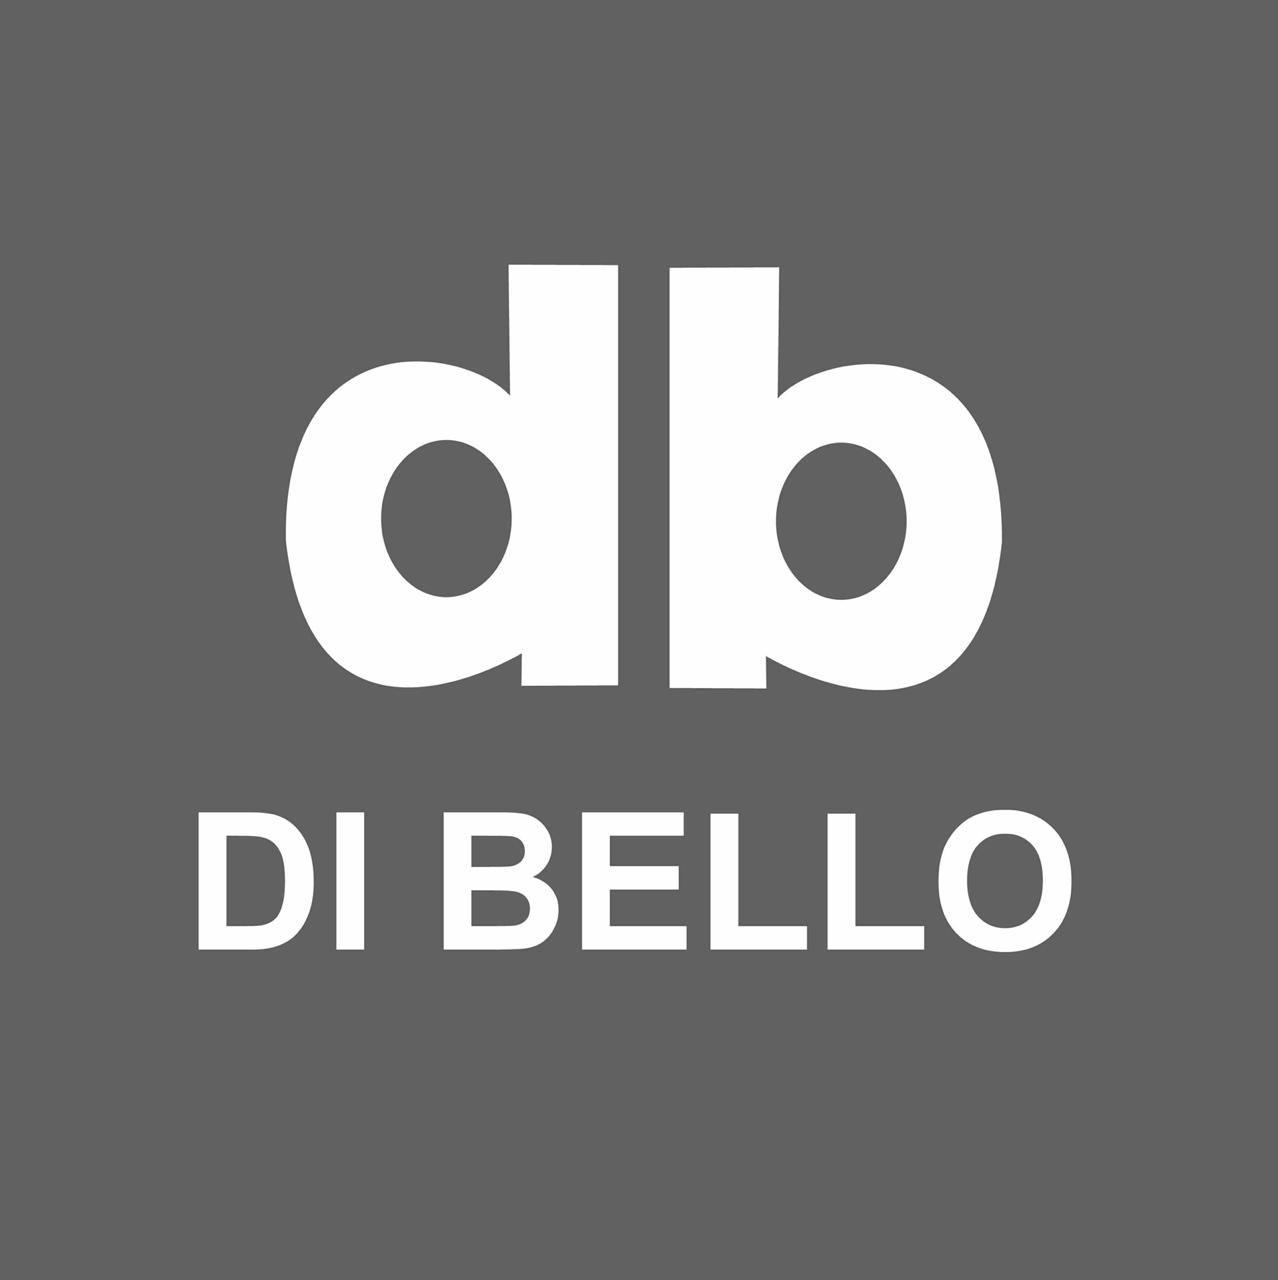 Logo de  Dibellopropiedades